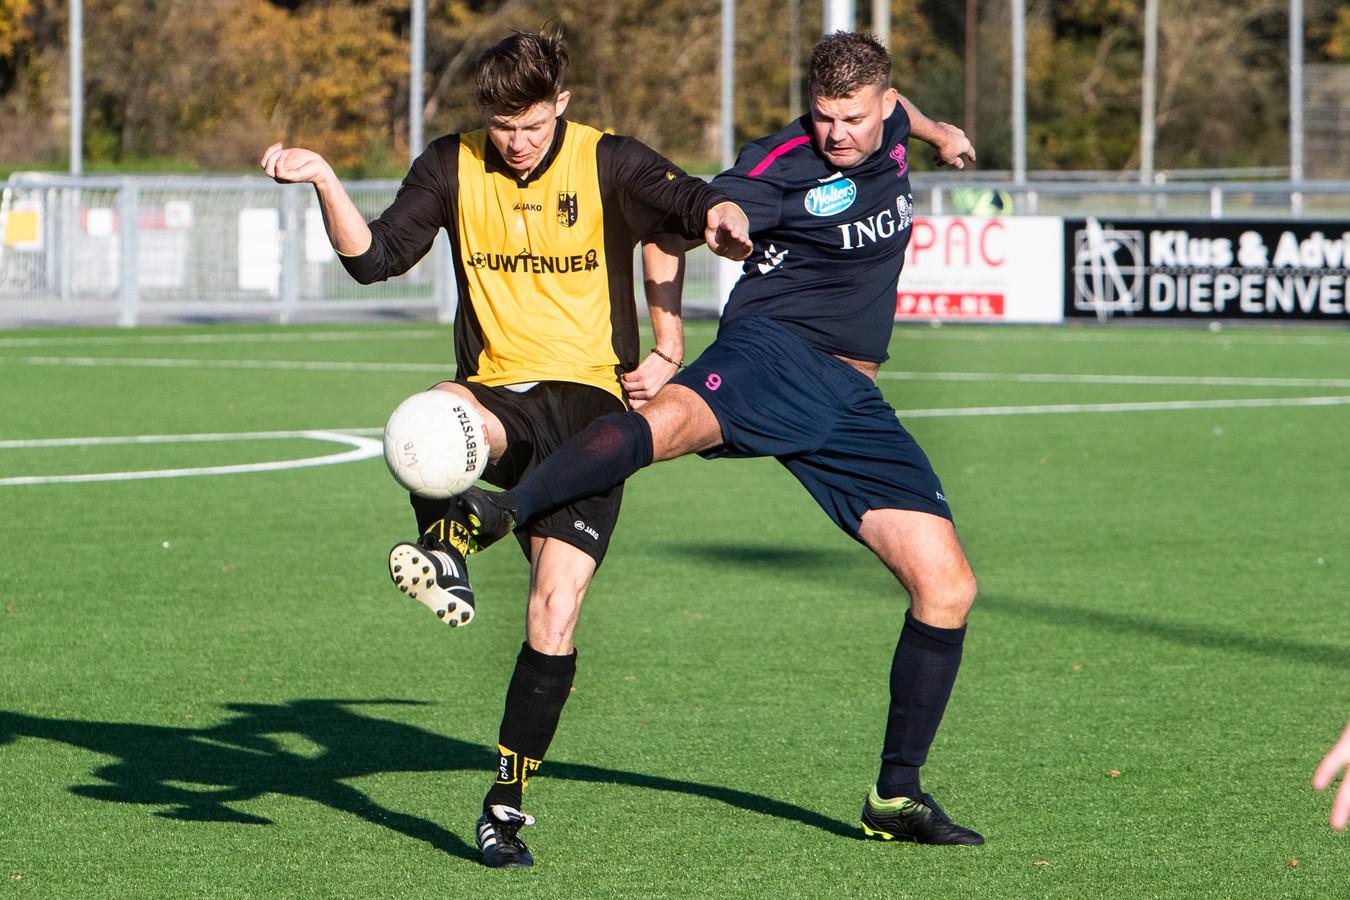 Colmschate-speler Jarmo van 't Hof (r) vocht in de Deventer derby verbeten duels uit met Mike Kommerkamp van Diepenveen.